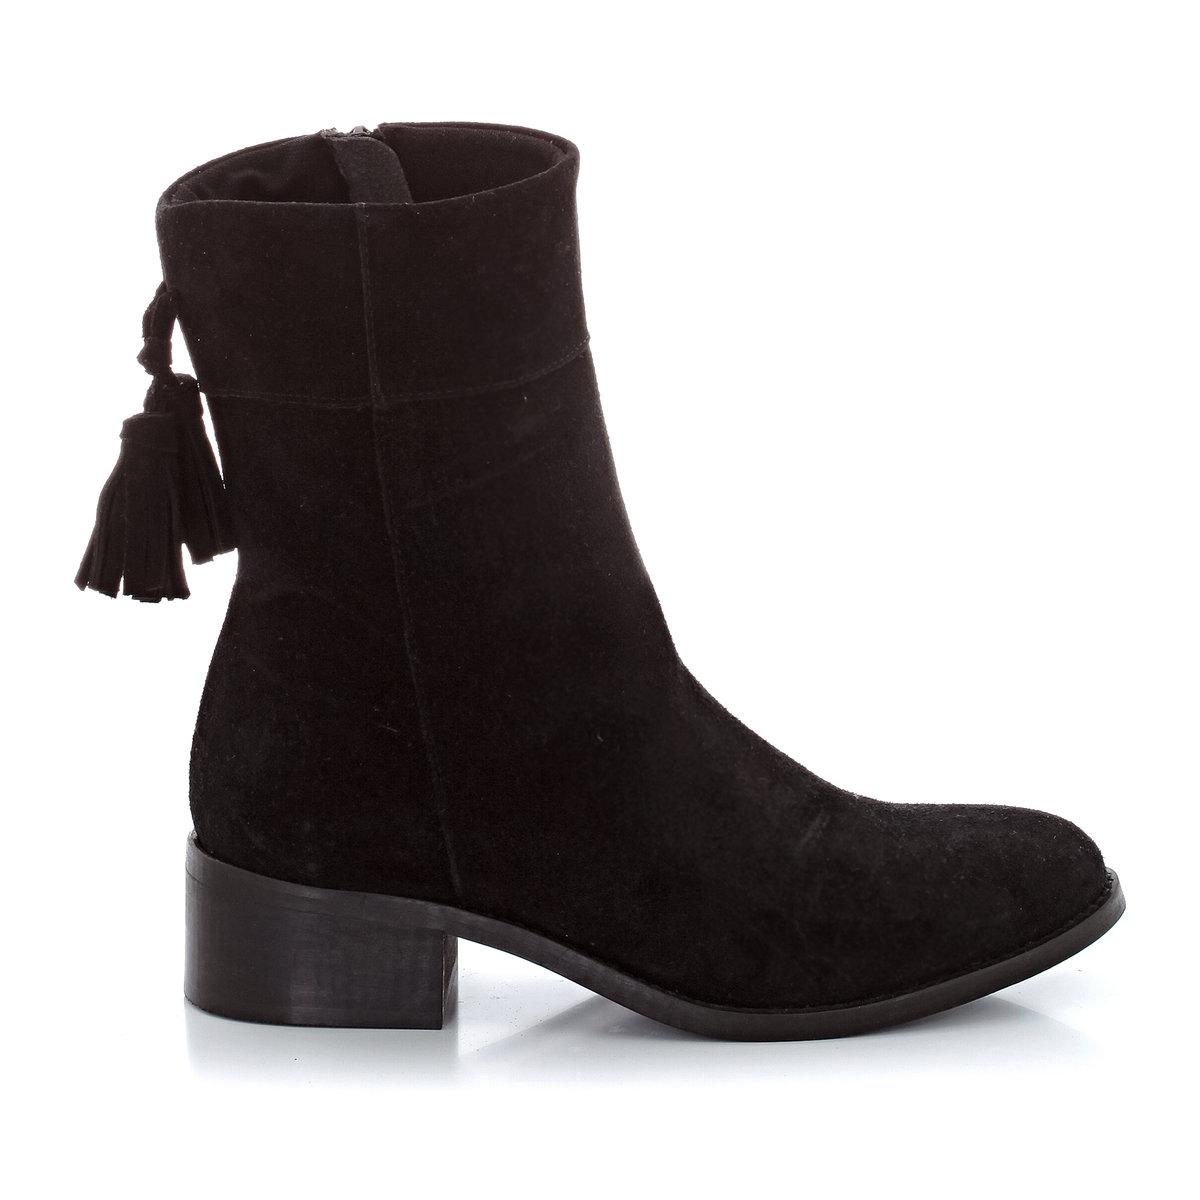 Ботинки кожаные с кисточками<br><br>Цвет: темно-коричневый,черный<br>Размер: 37.38.39.37